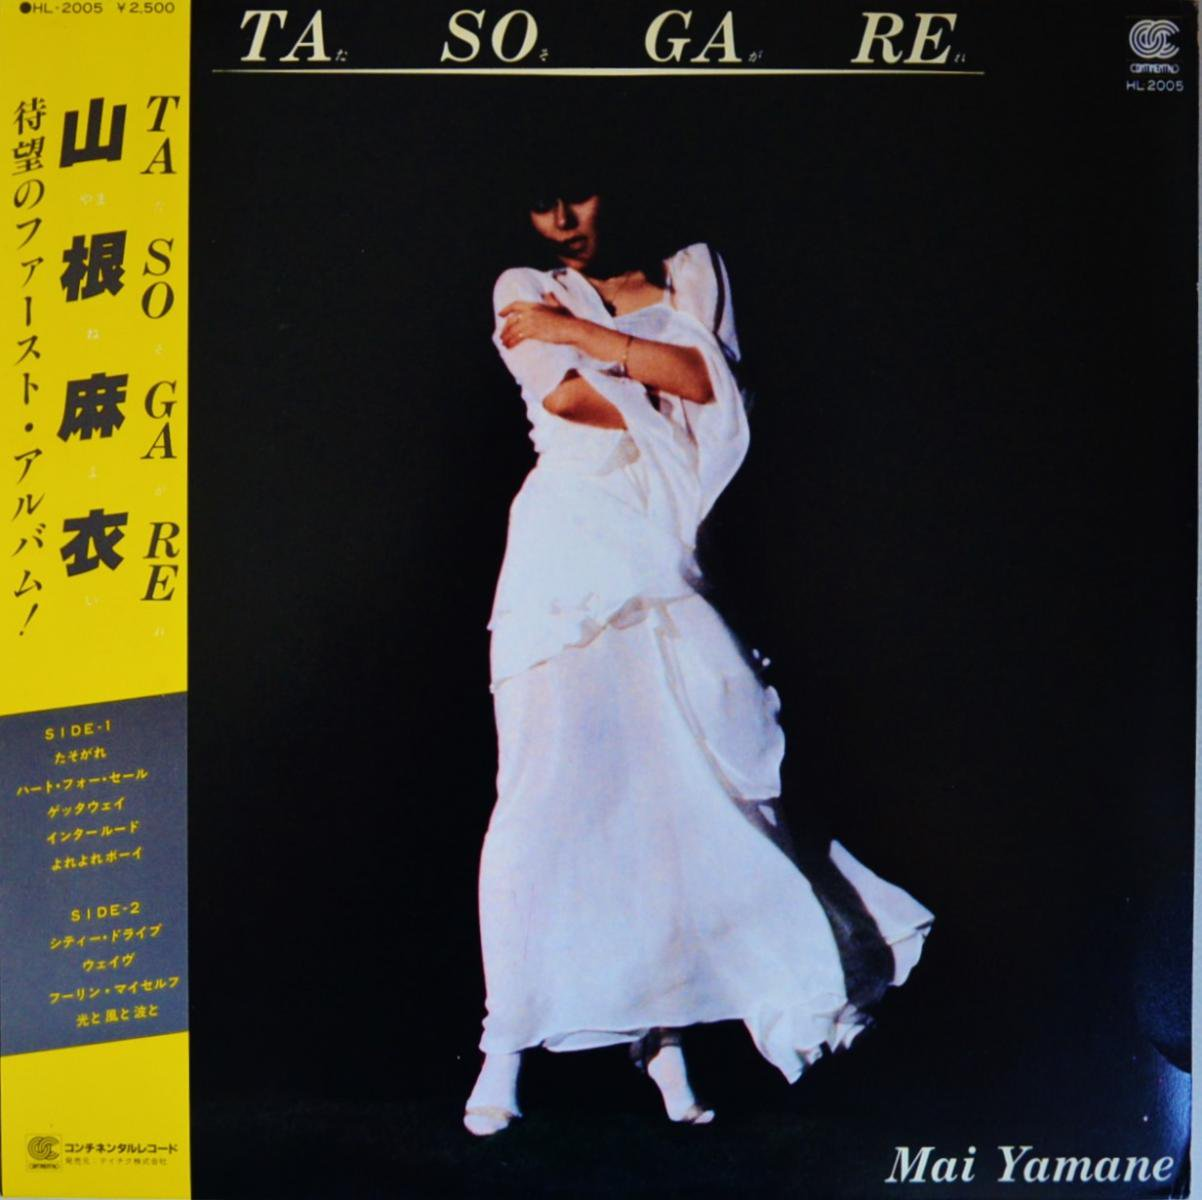 Resultado de imagem para mai yamane tasogare 1980